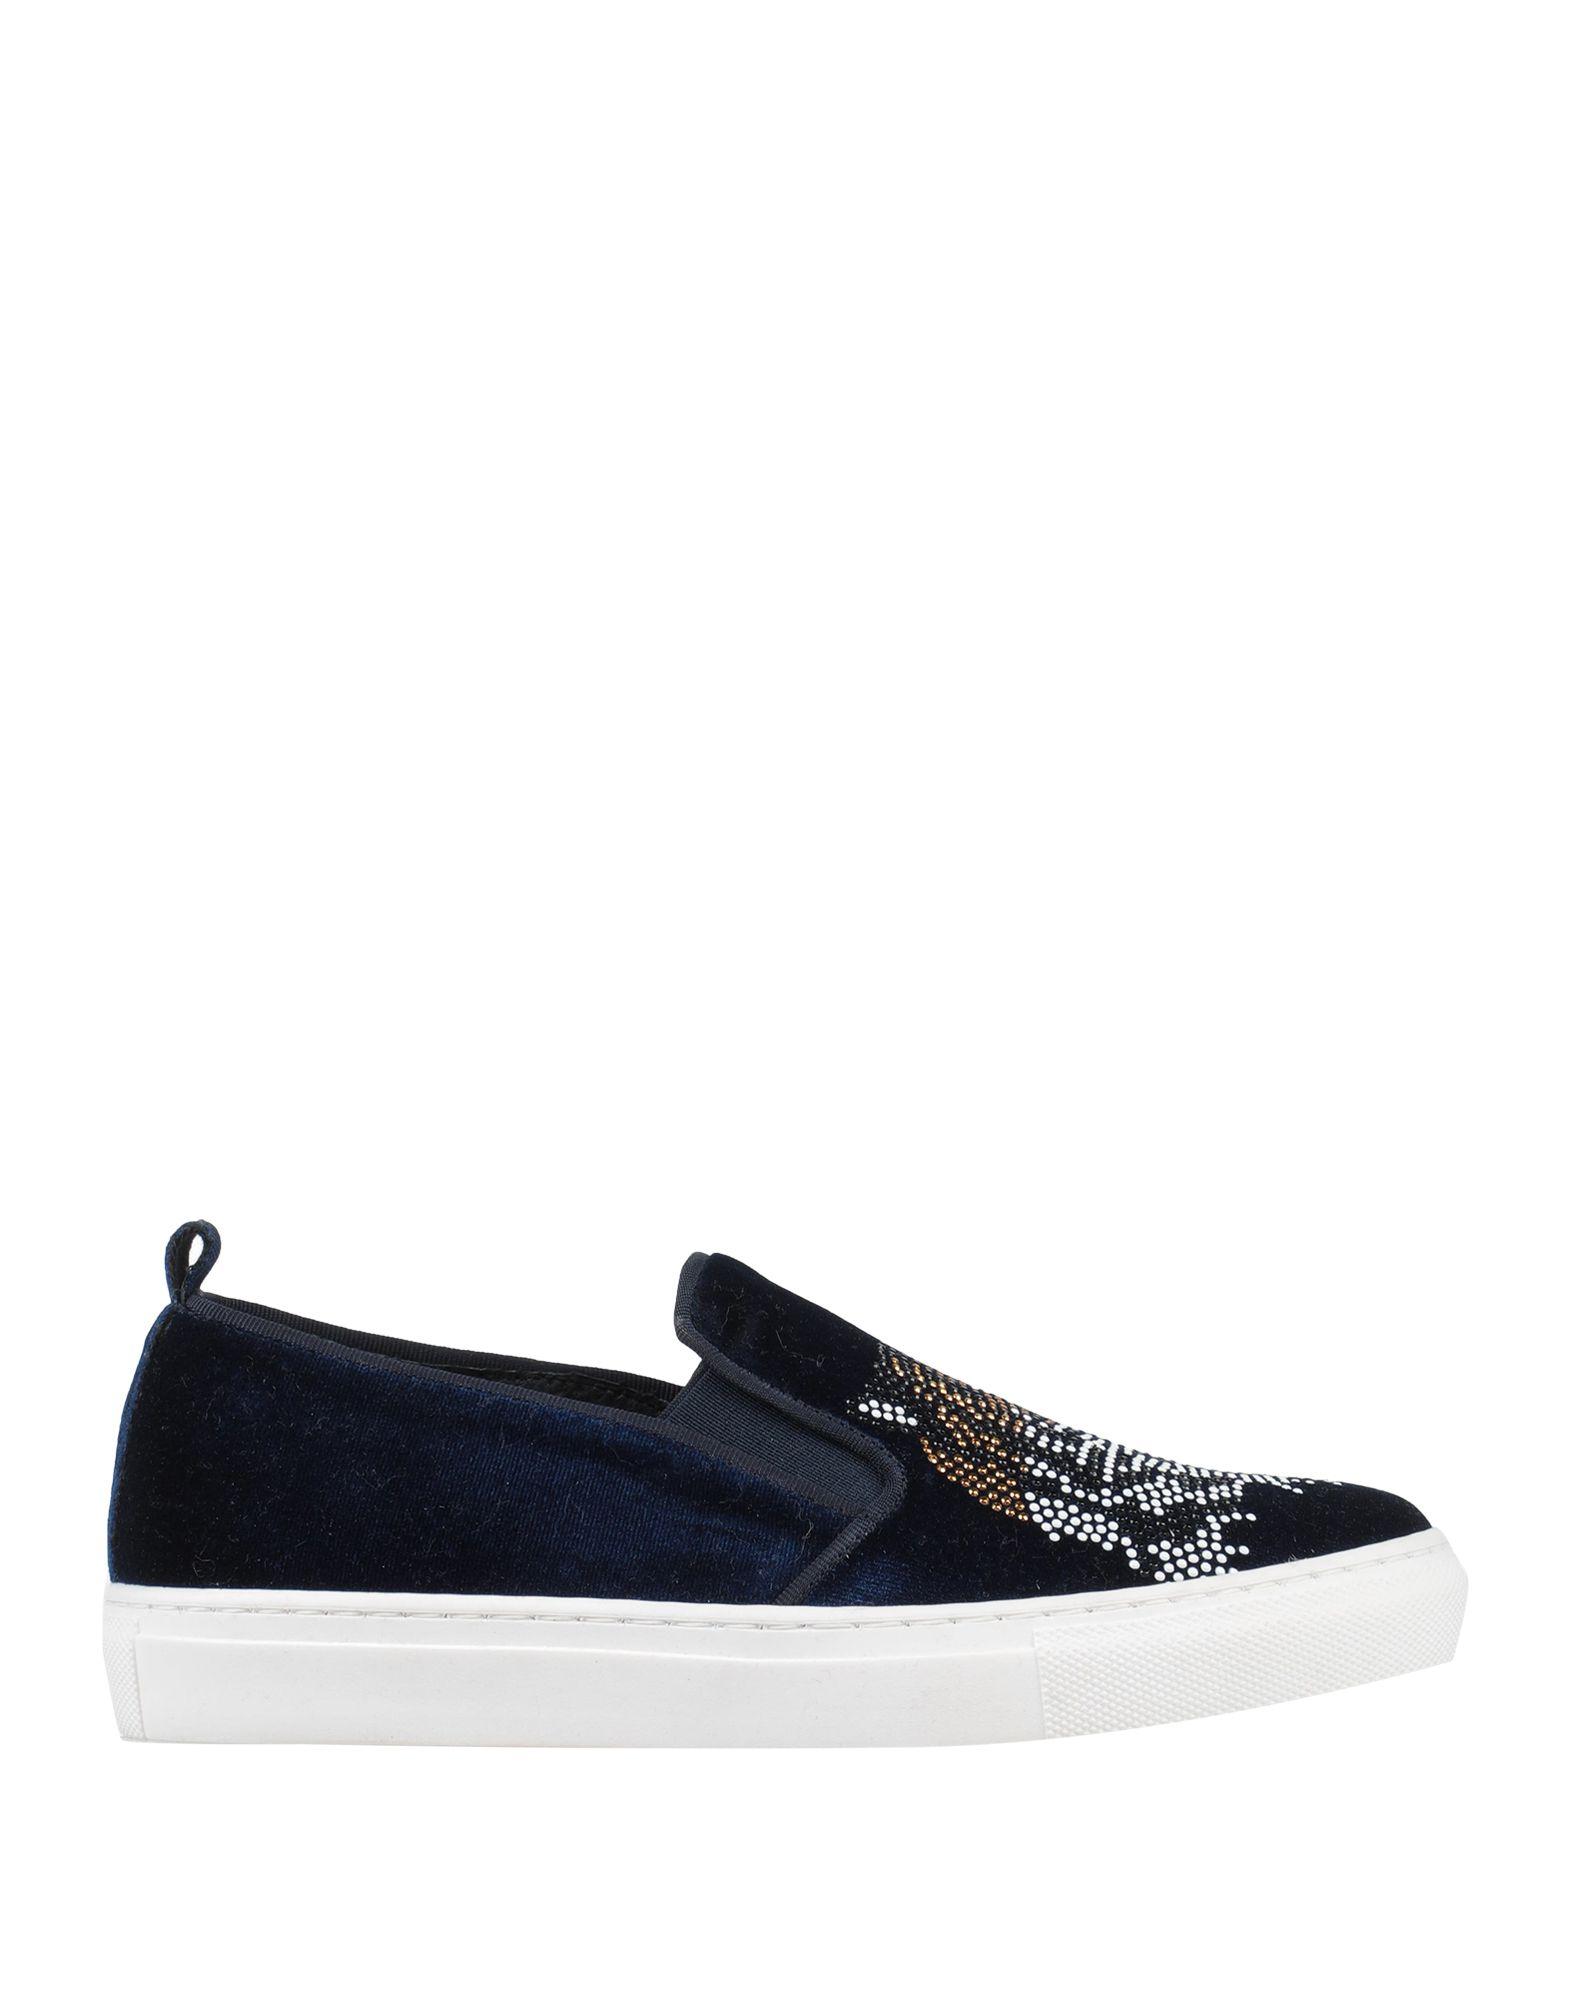 Islo Isabella Lorusso Sneakers Damen  11461821TW Gute Qualität beliebte Schuhe